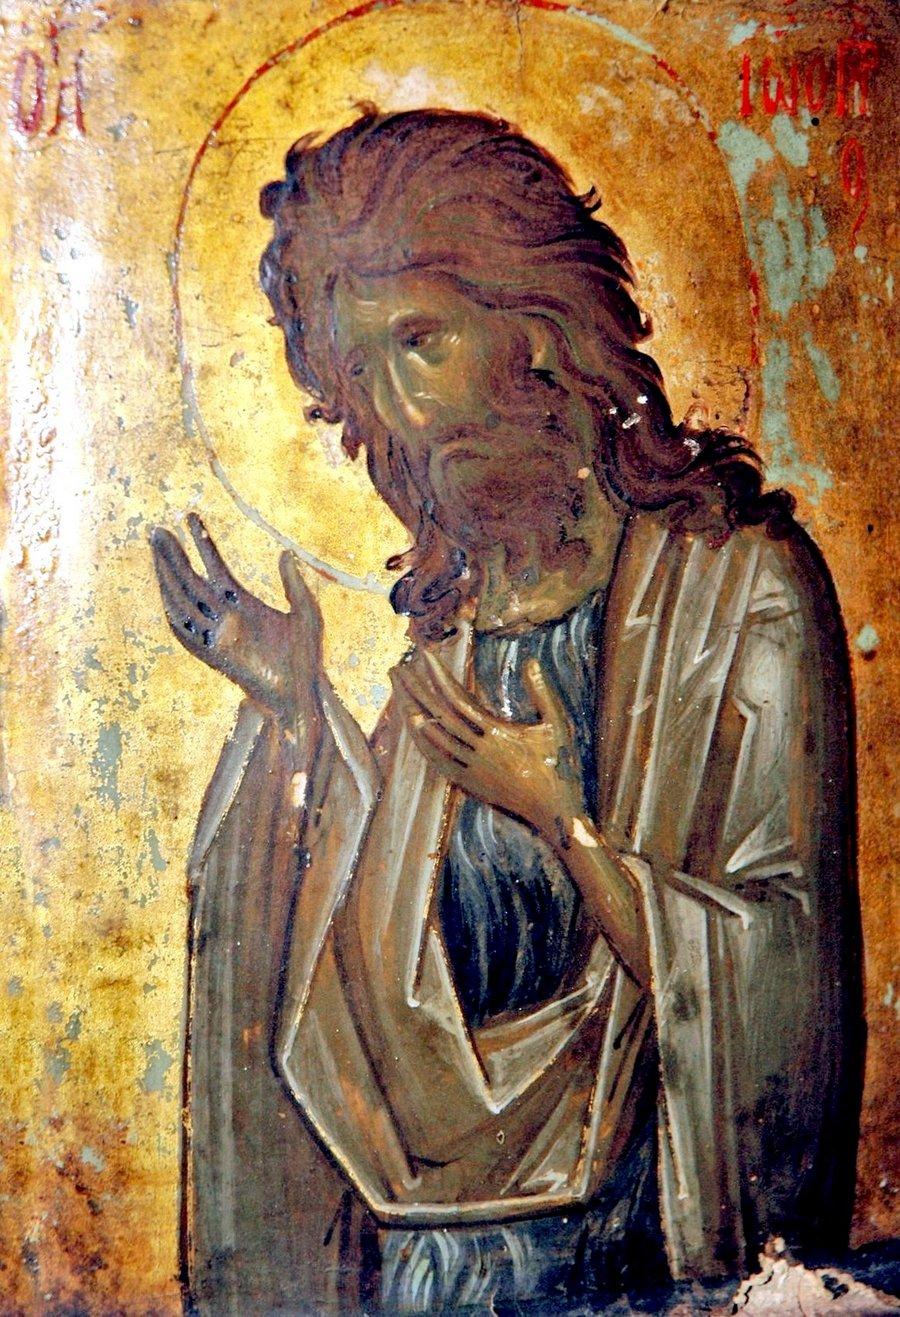 Святой Пророк, Предтеча и Креститель Господень Иоанн. Византийская икона XIV века. Монастырь Святой Екатерины на Синае.